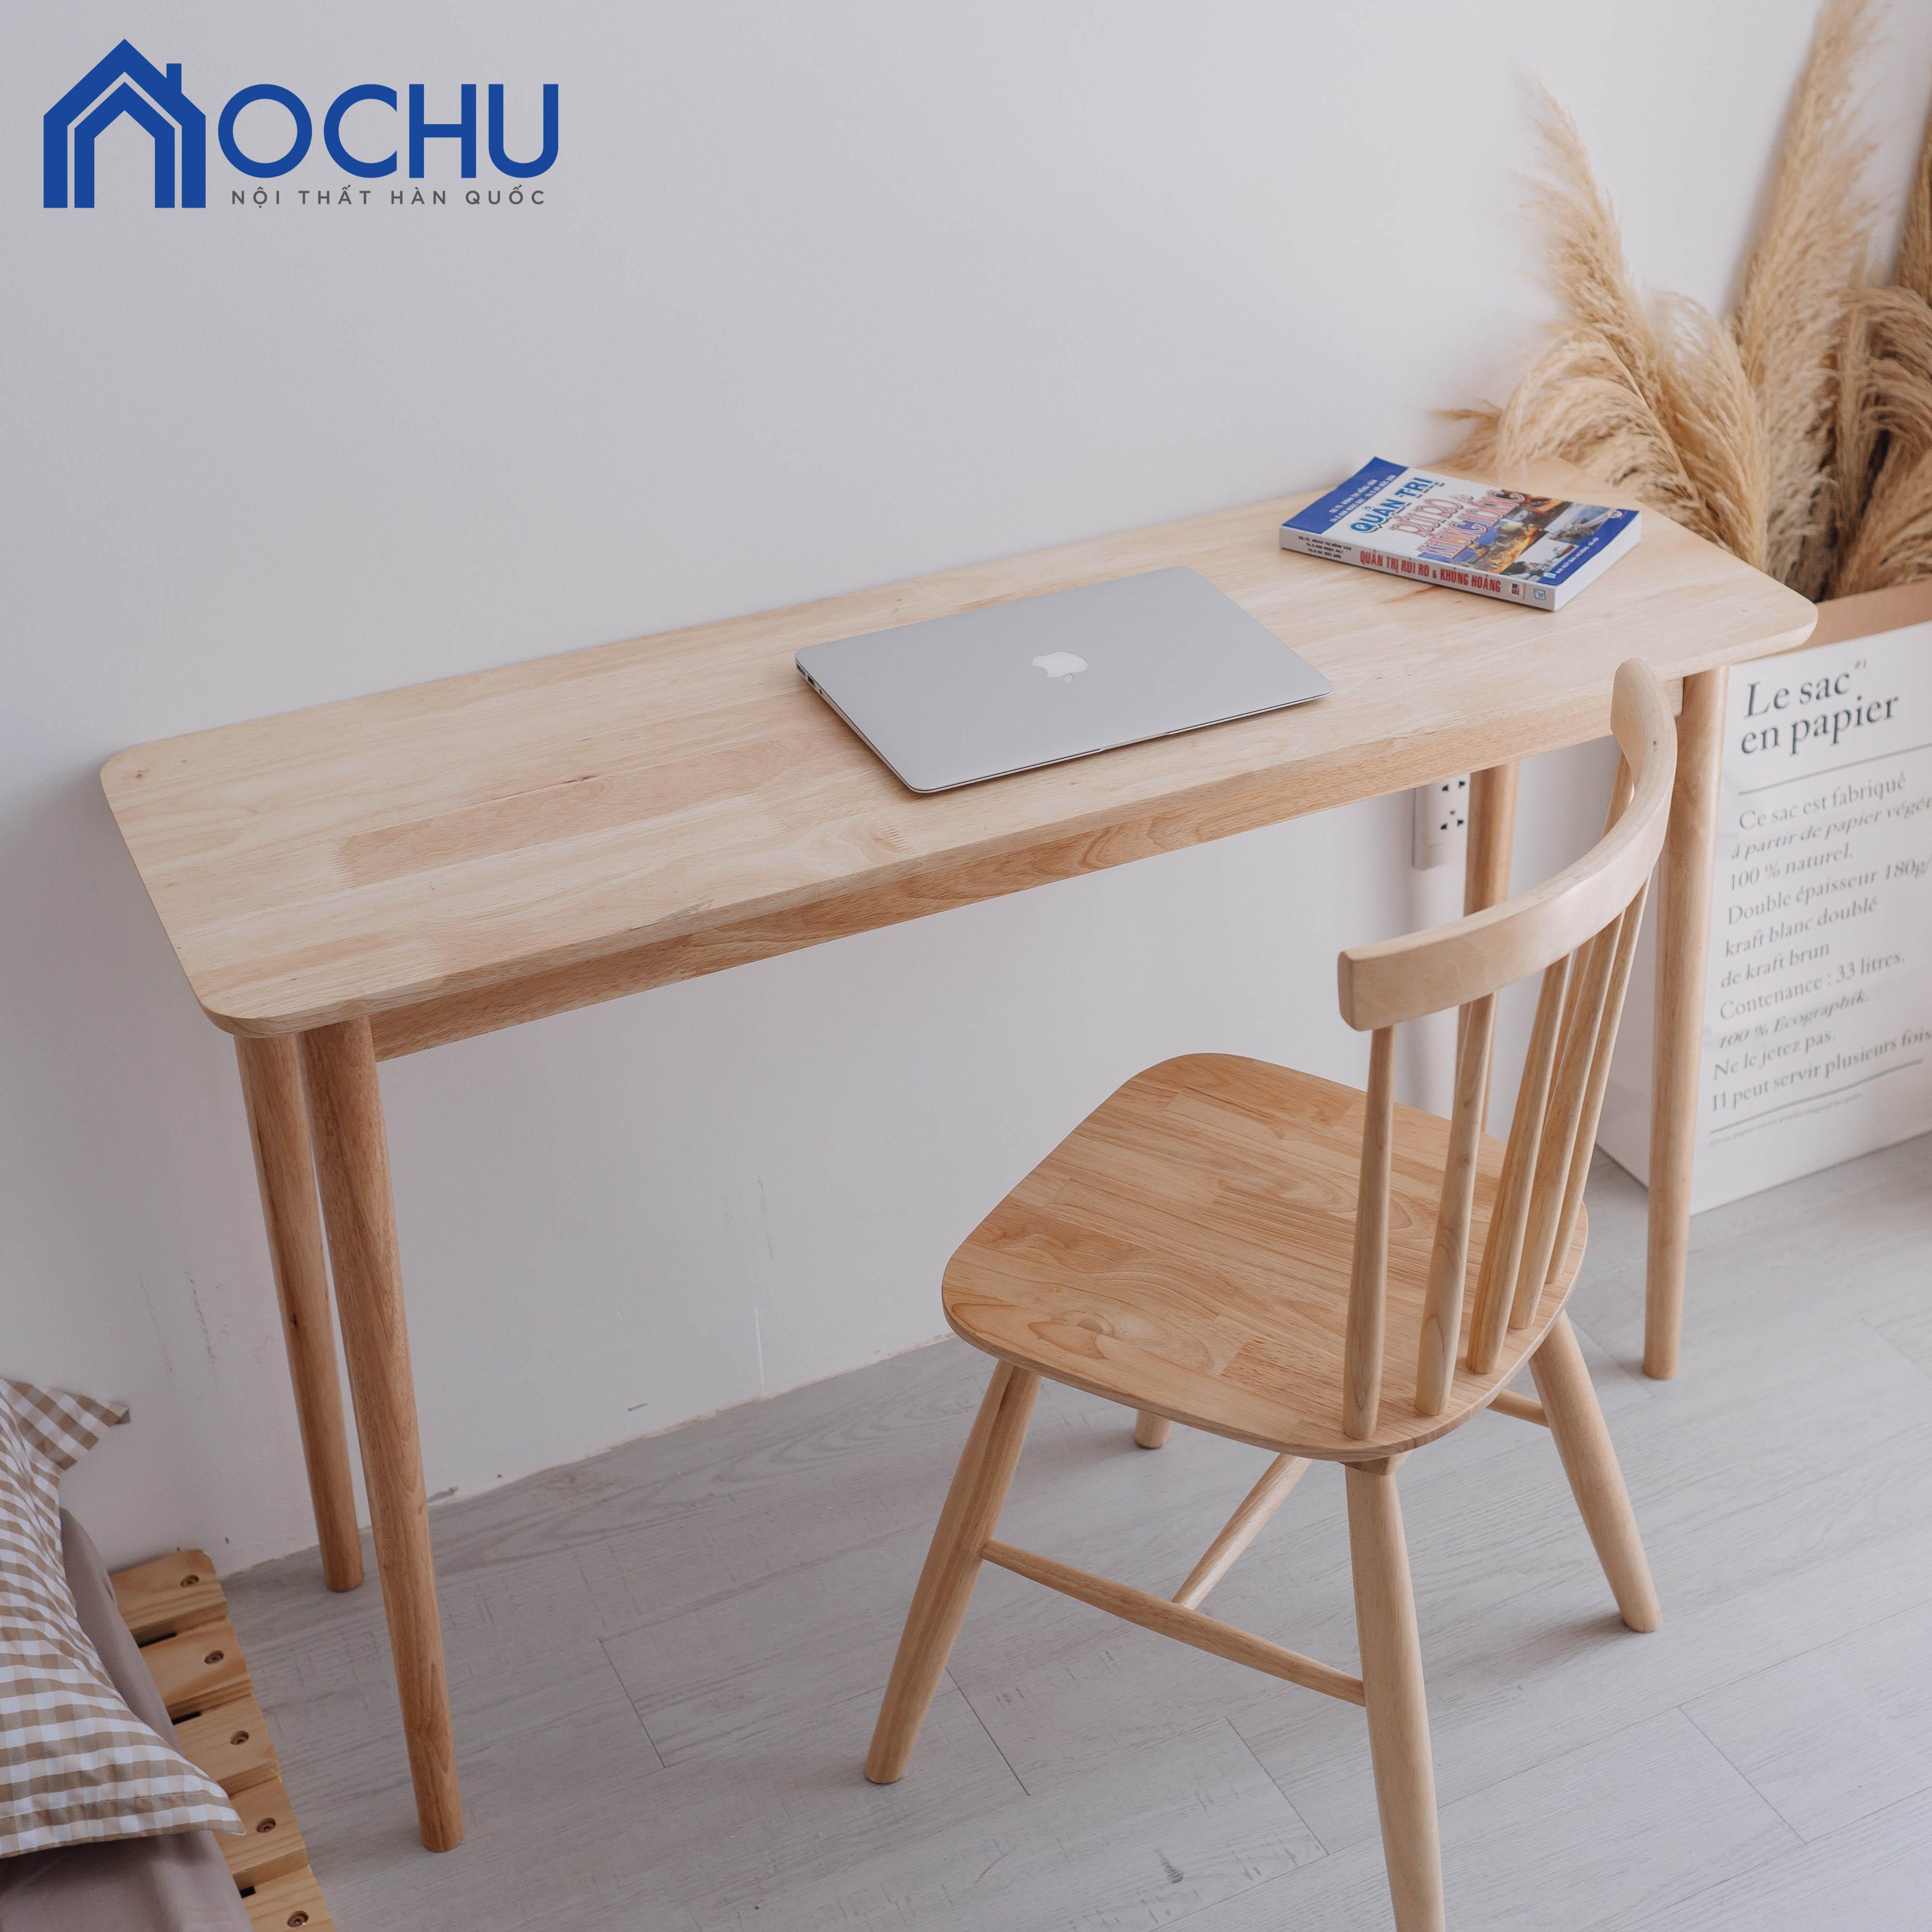 Bàn Làm Việc Gỗ OCHU - A Table - Natural